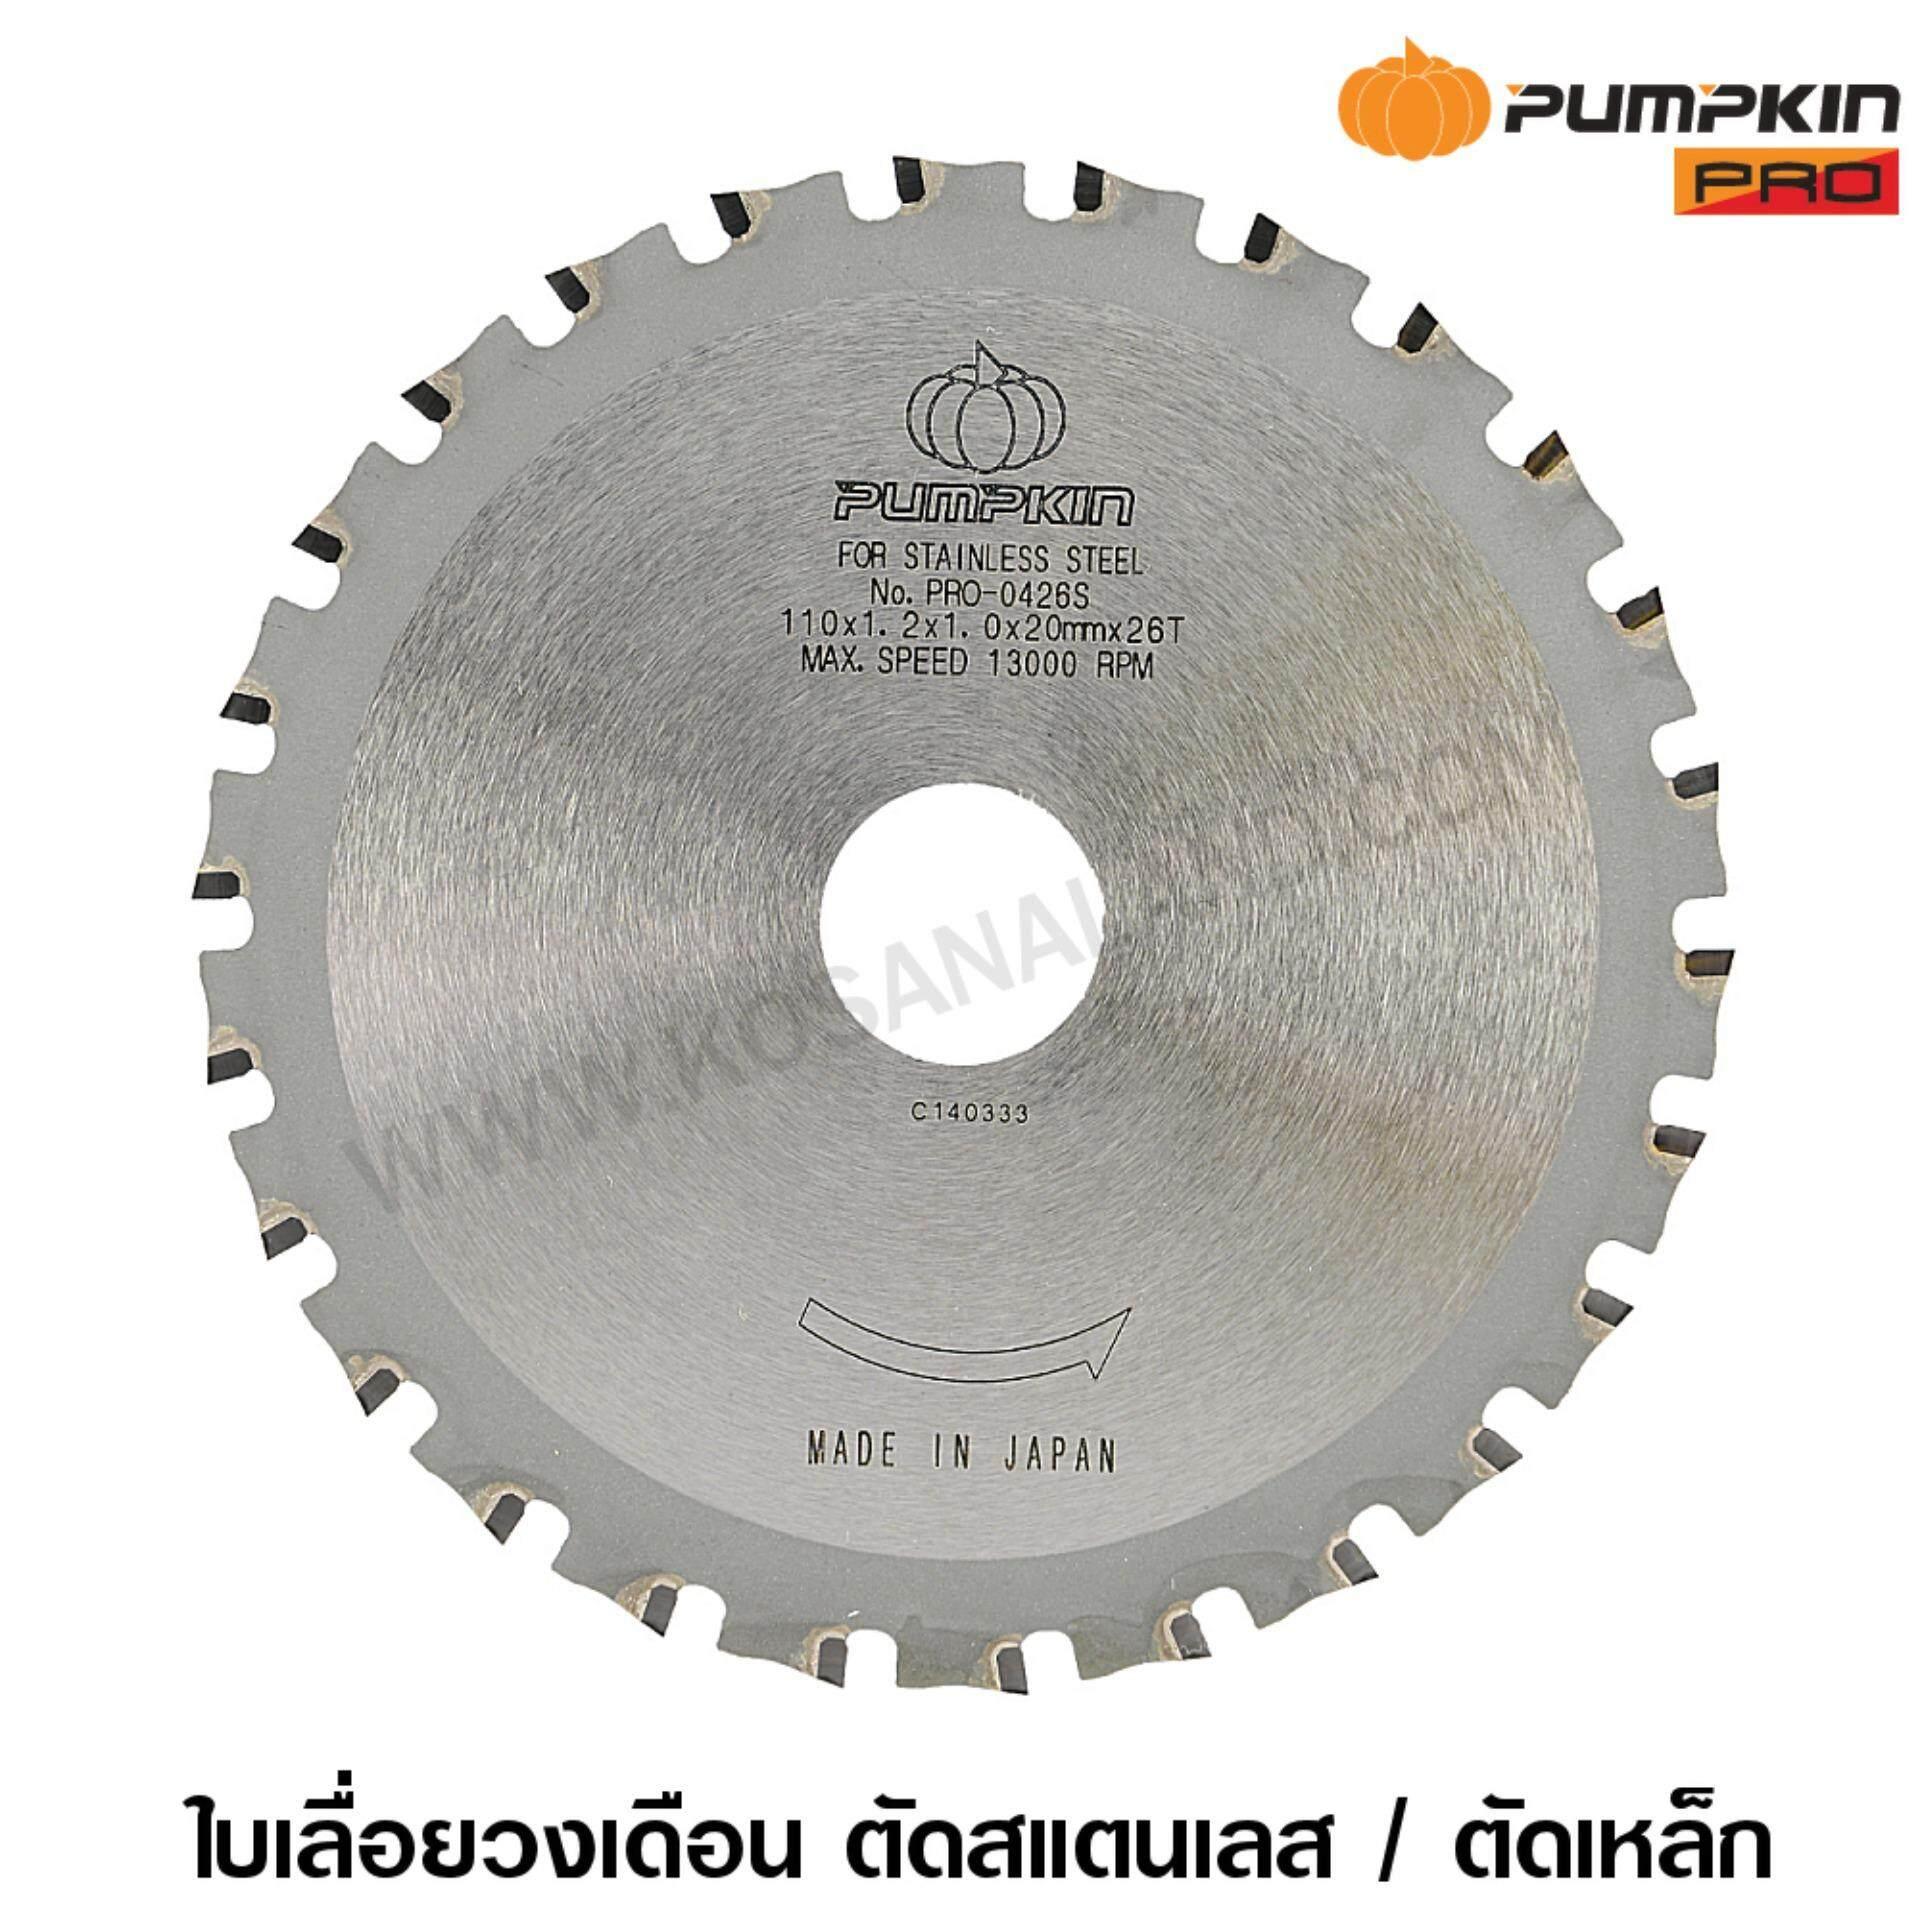 โปรโมชั่น Pumpkin Pro ใบเลื่อยวงเดือน ตัดเหล็ก / ตัดสแตนเลส 4 นิ้ว 26 ฟัน รุ่น PRO-0426S รหัส 38185 ( Circular Saw Blade - Metal and Stainless Cutting )